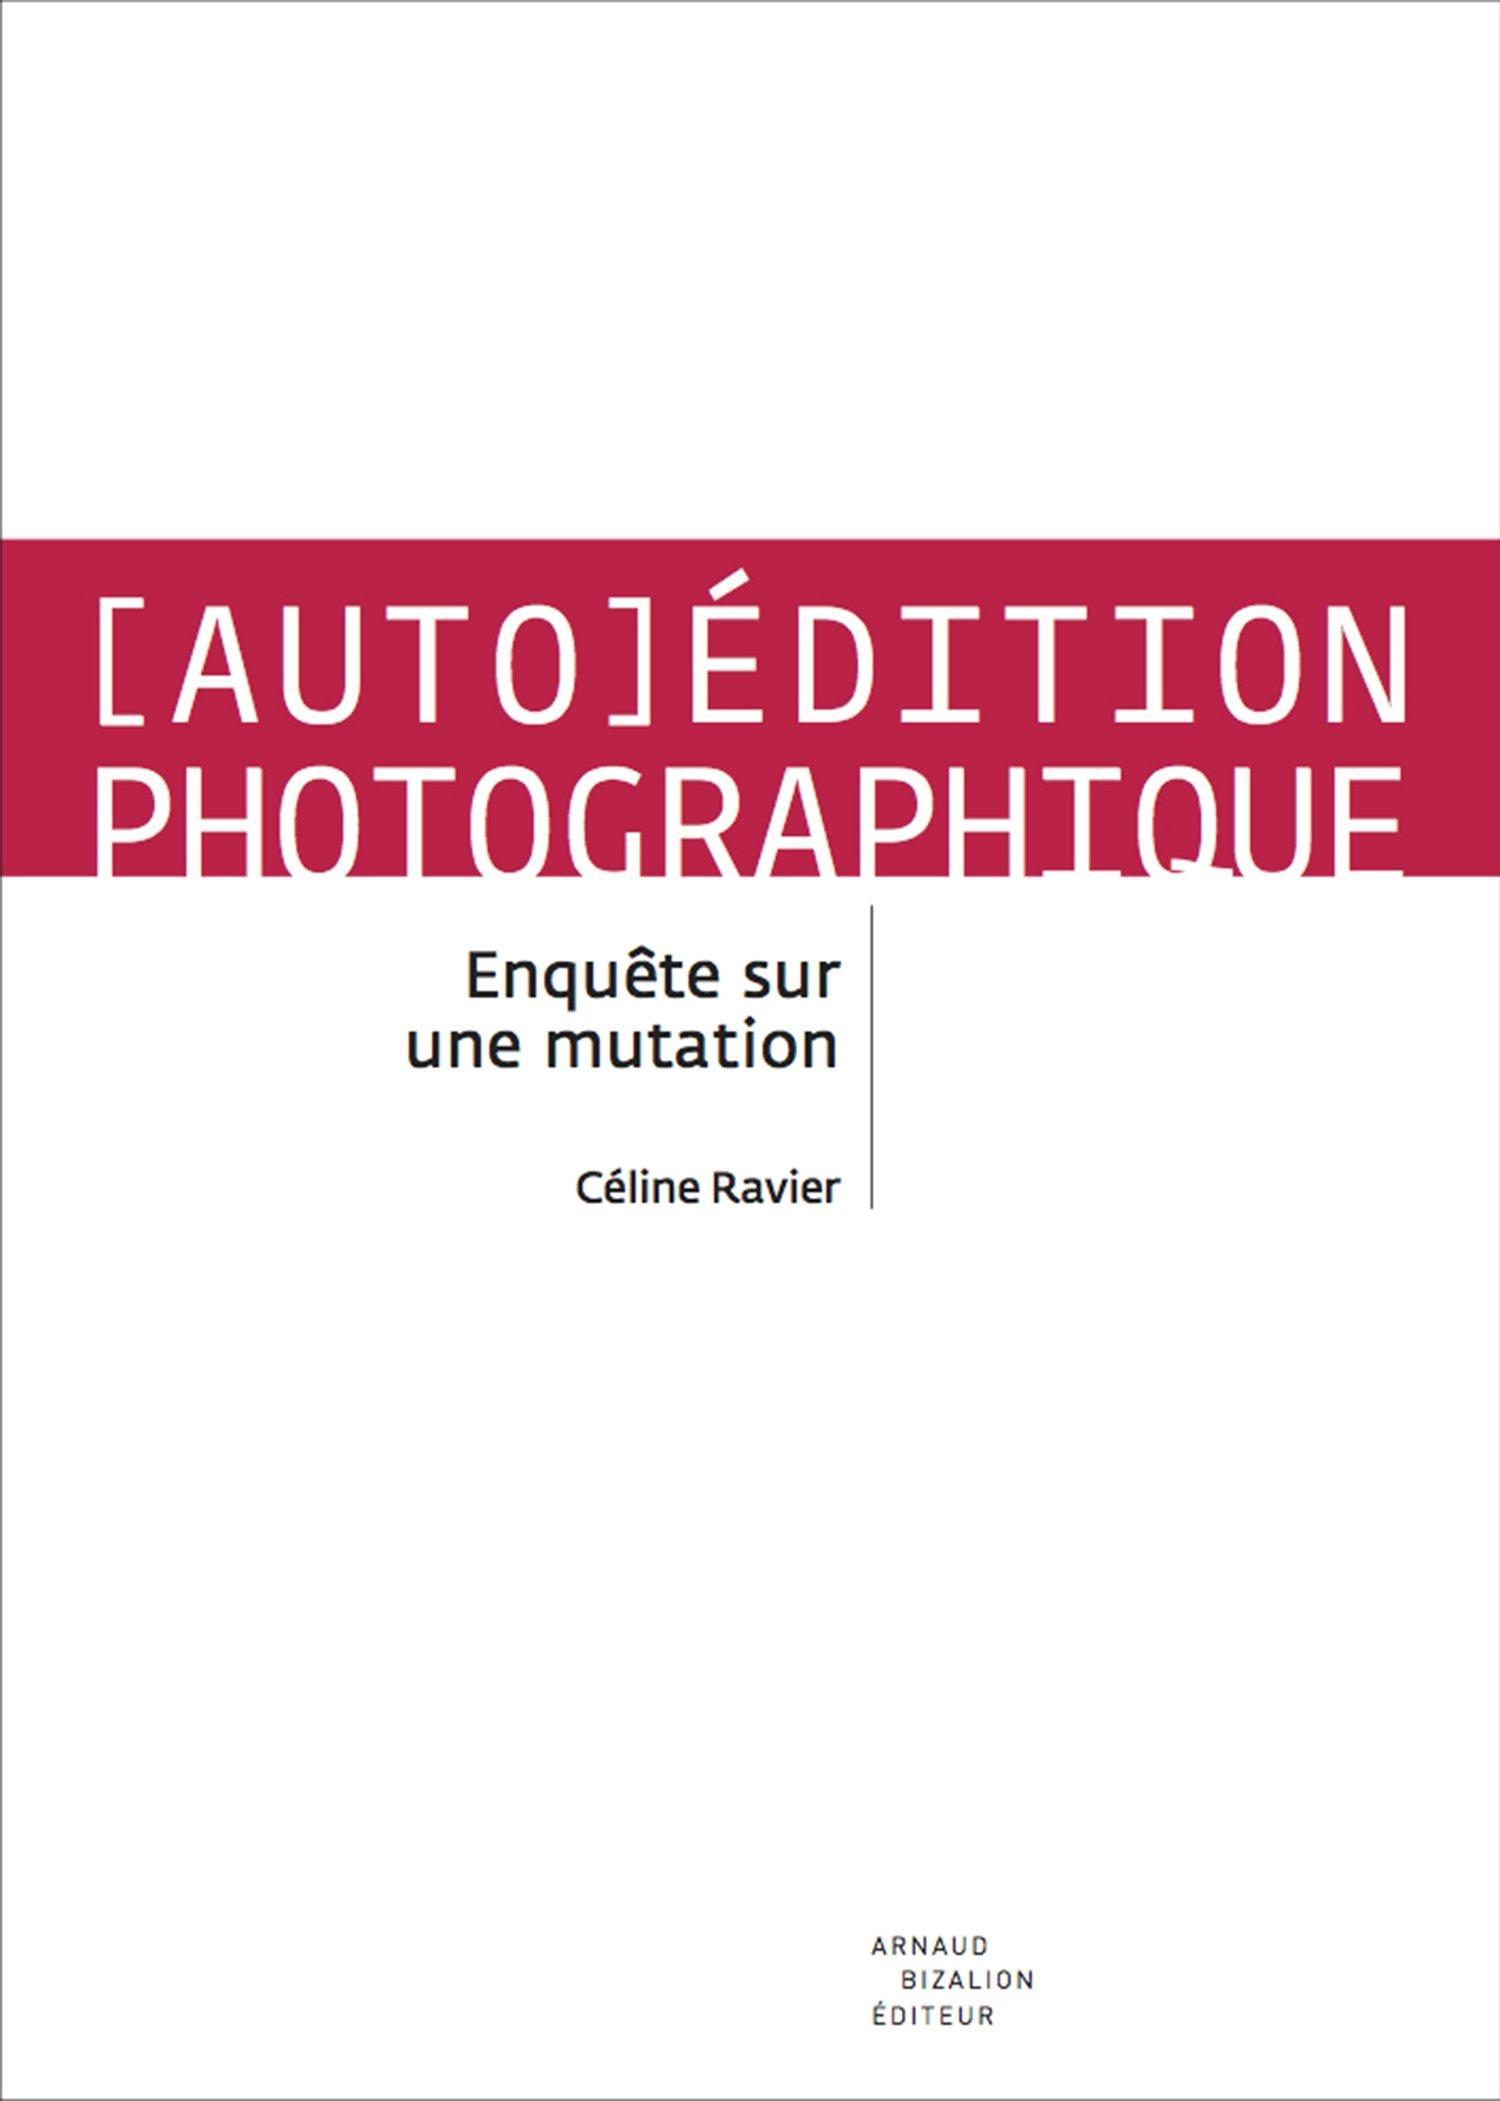 Image of [Auto]Édition photographique, enquête sur une mutation de Céline Ravier